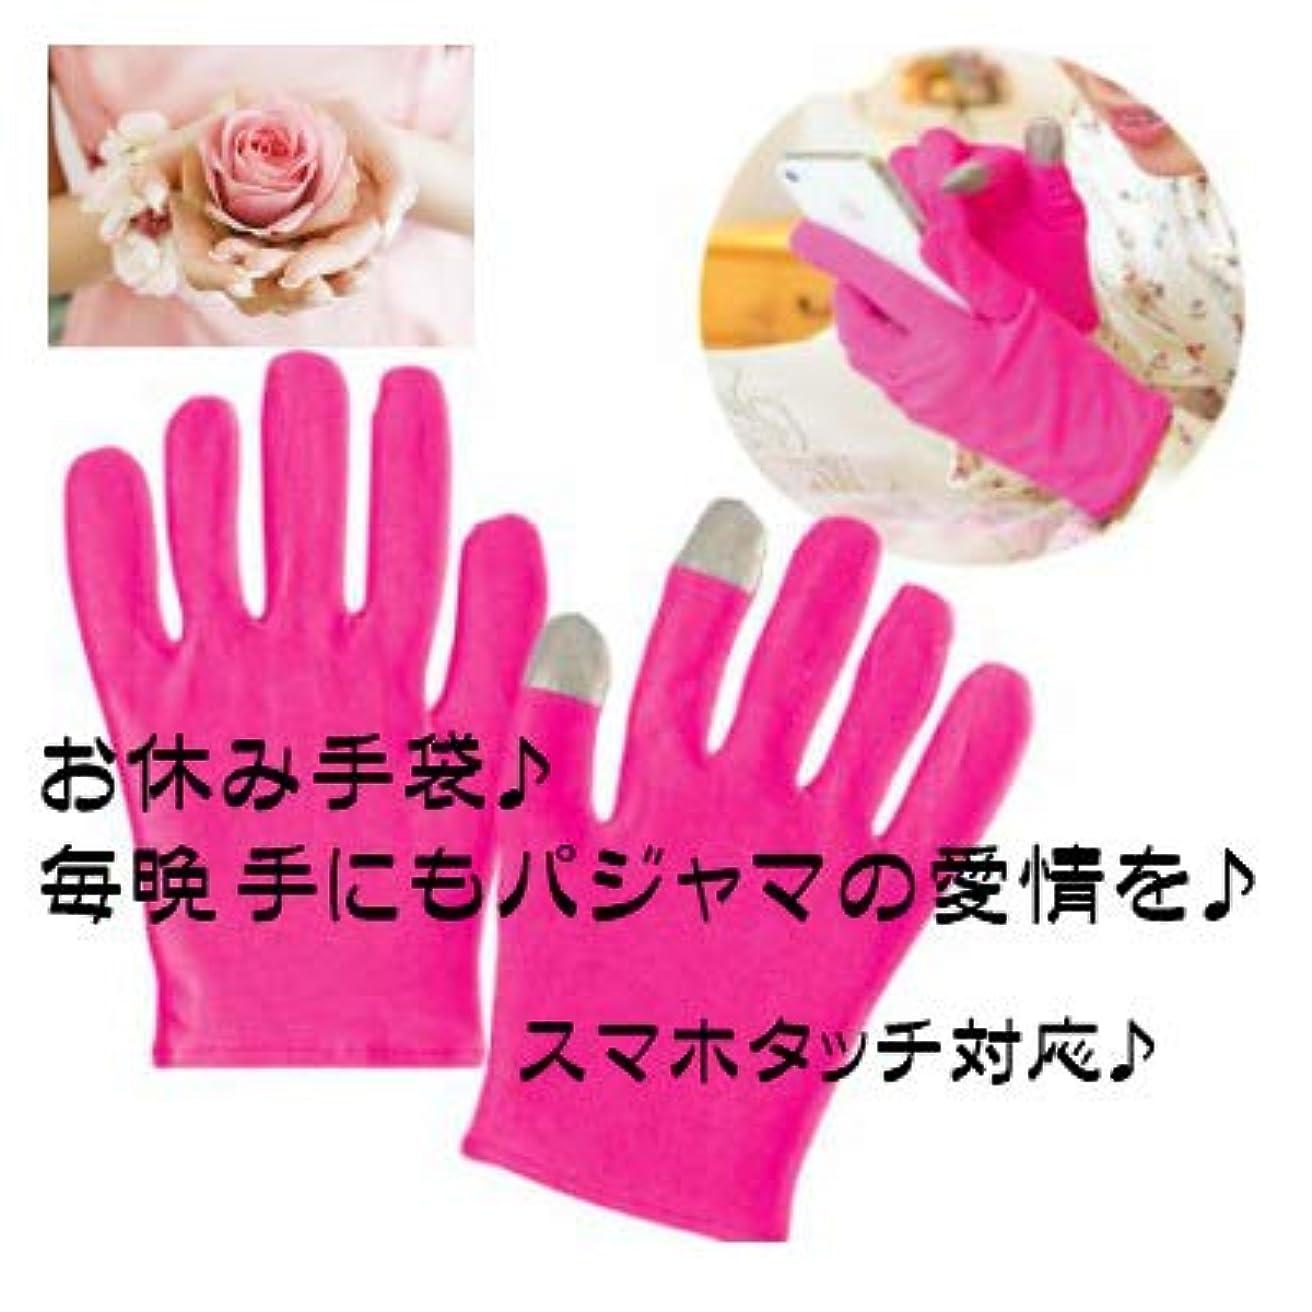 恩恵セッティングアーティキュレーション美容ハンドケア手袋 就寝手袋 スマホタッチ対応 おやすみ手袋保湿手袋